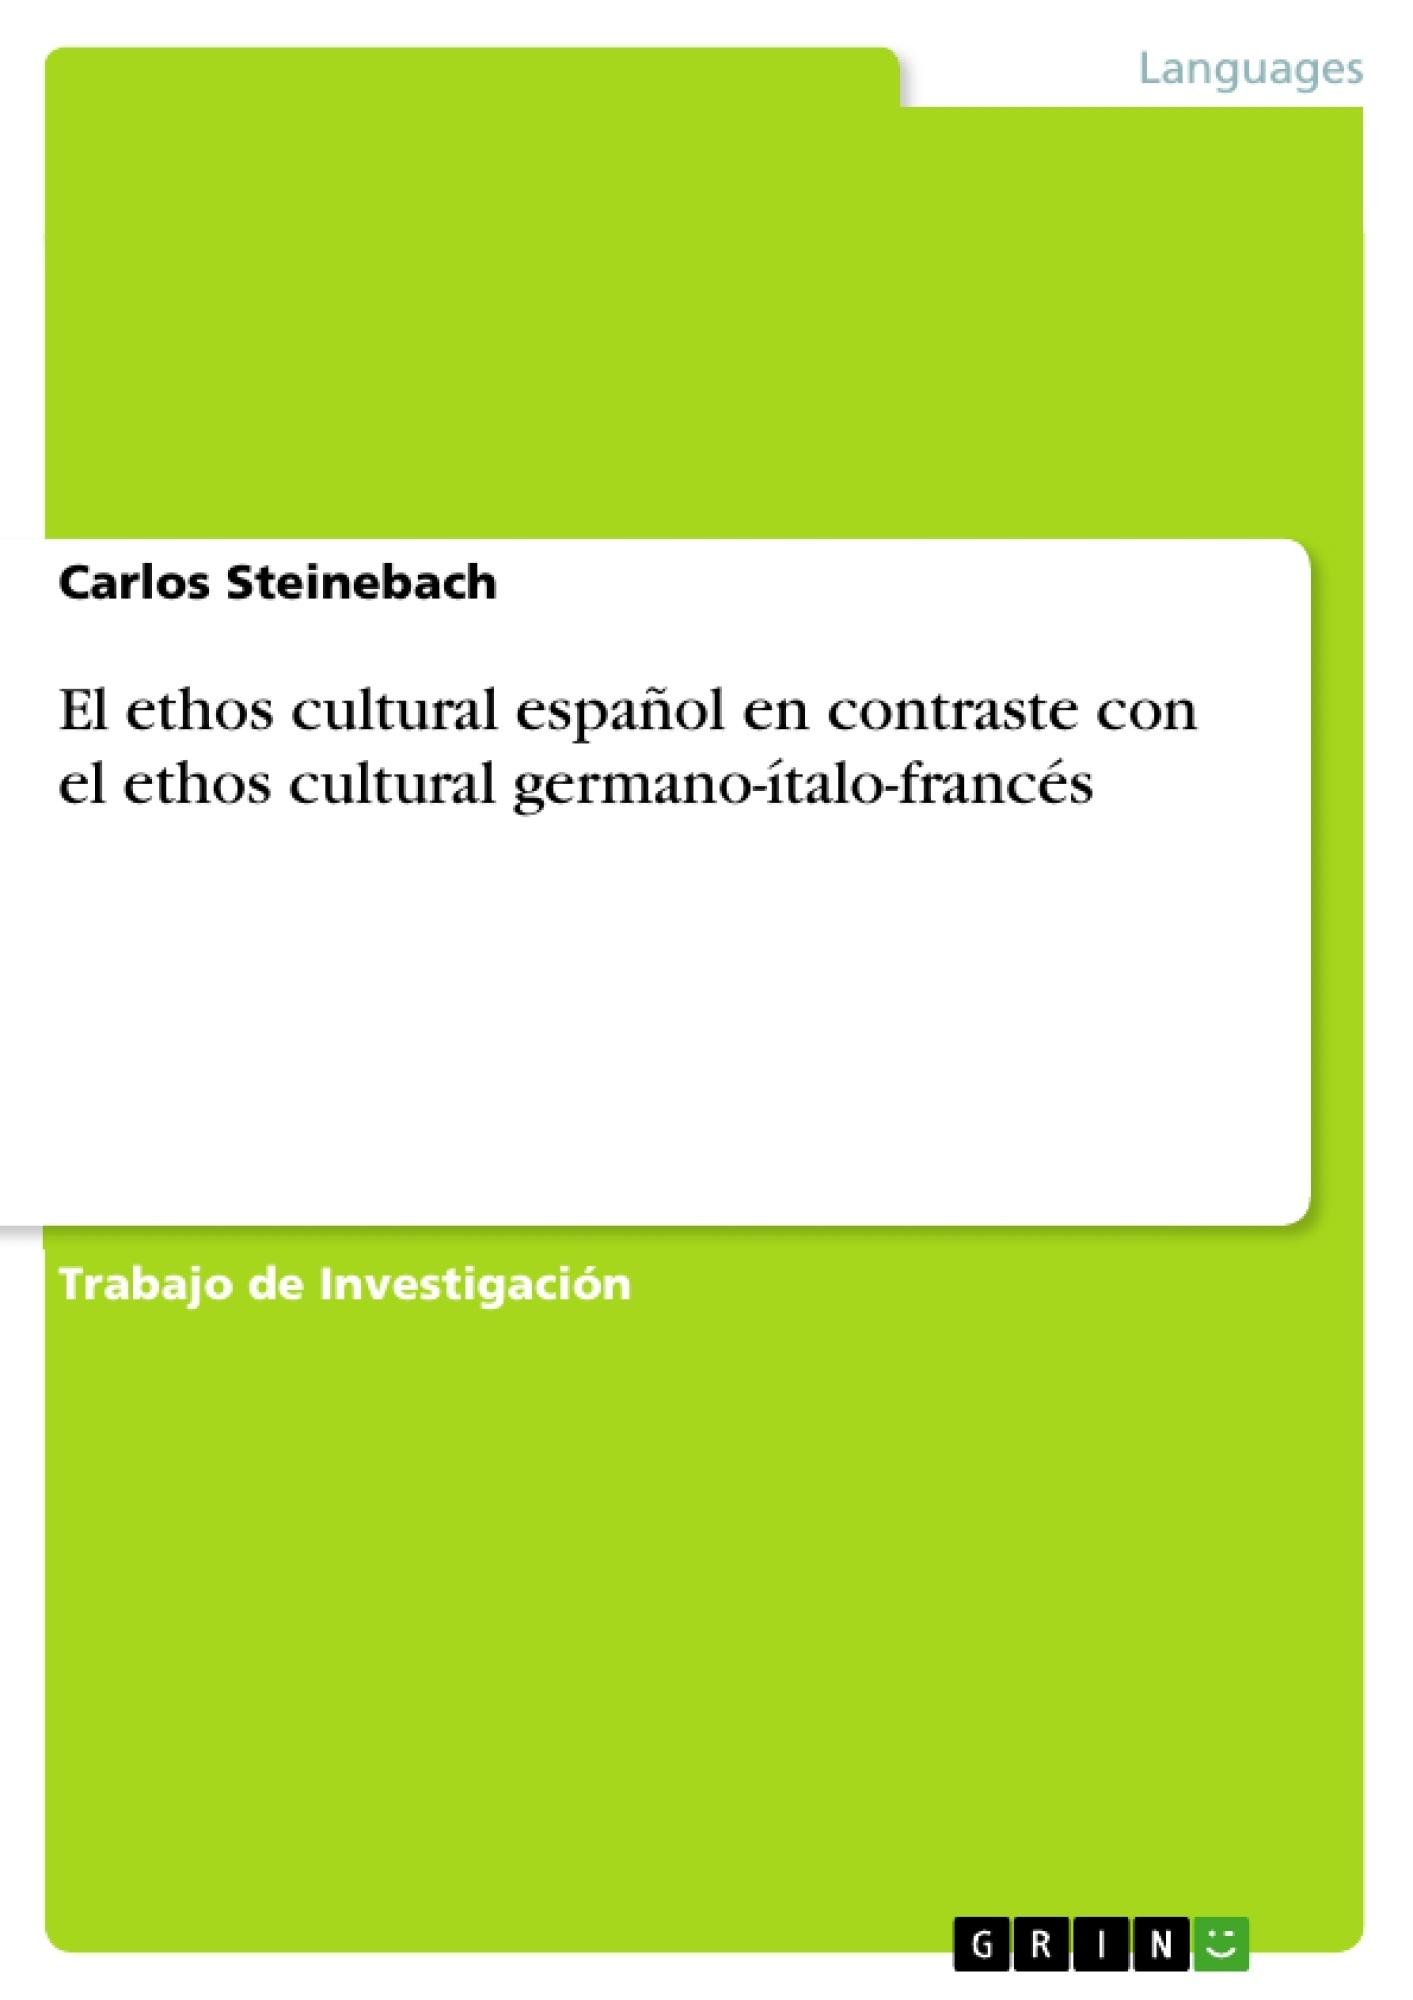 Título: El ethos cultural español en contraste con el ethos cultural germano-ítalo-francés